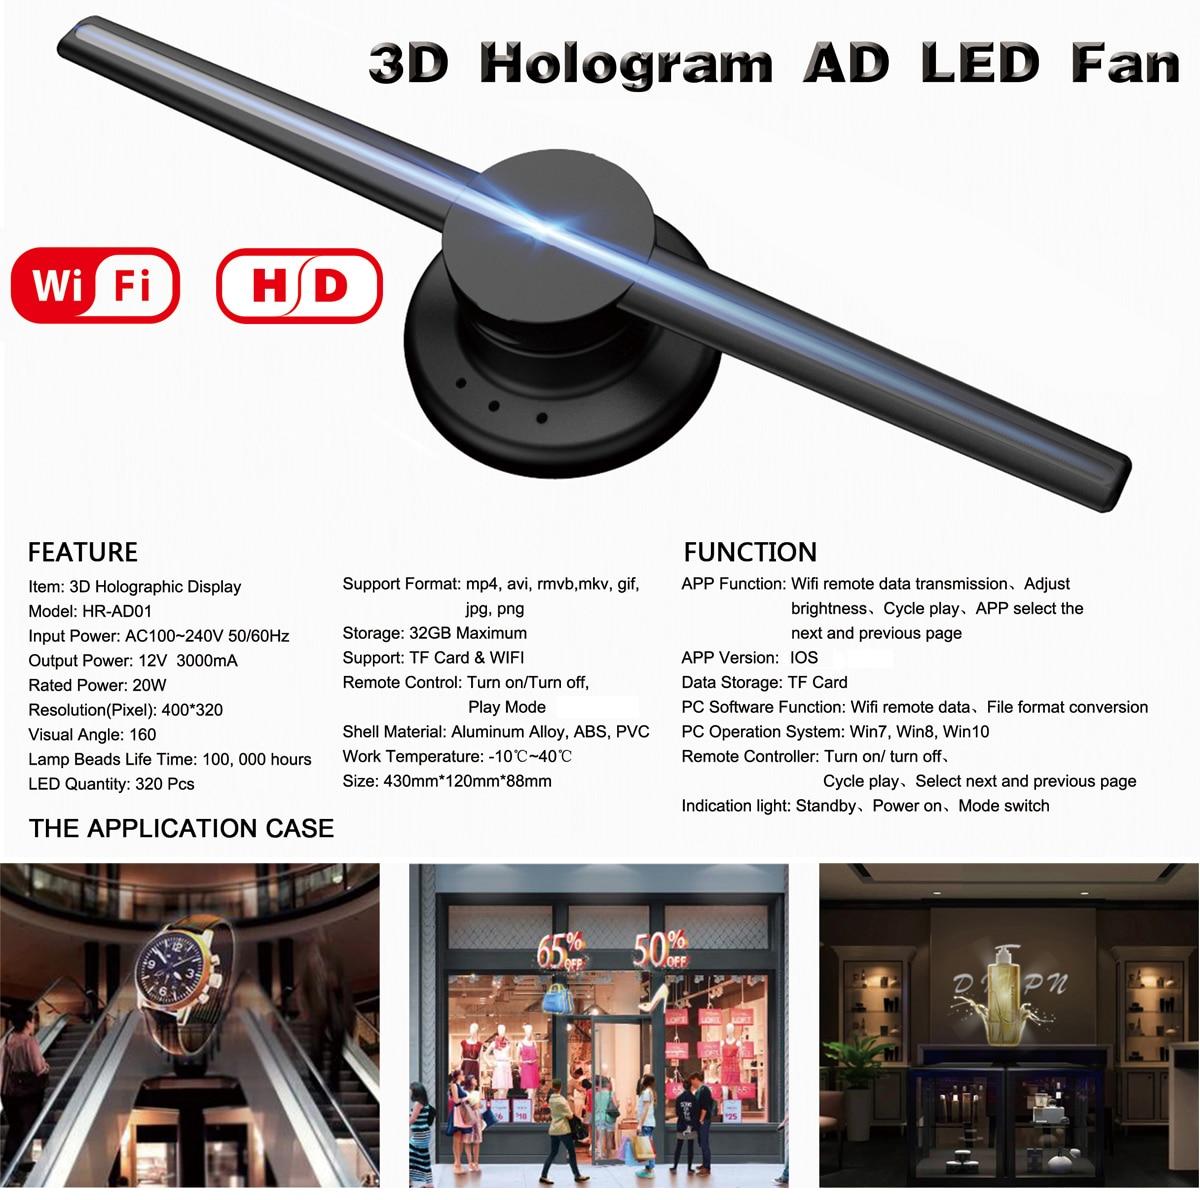 NOUVELLE Mise À Niveau Wifi 3D Holographique Projecteur Hologramme Lecteur LED Affichage Fan Publicité Lumière APP Contrôle 42 cm/16.54